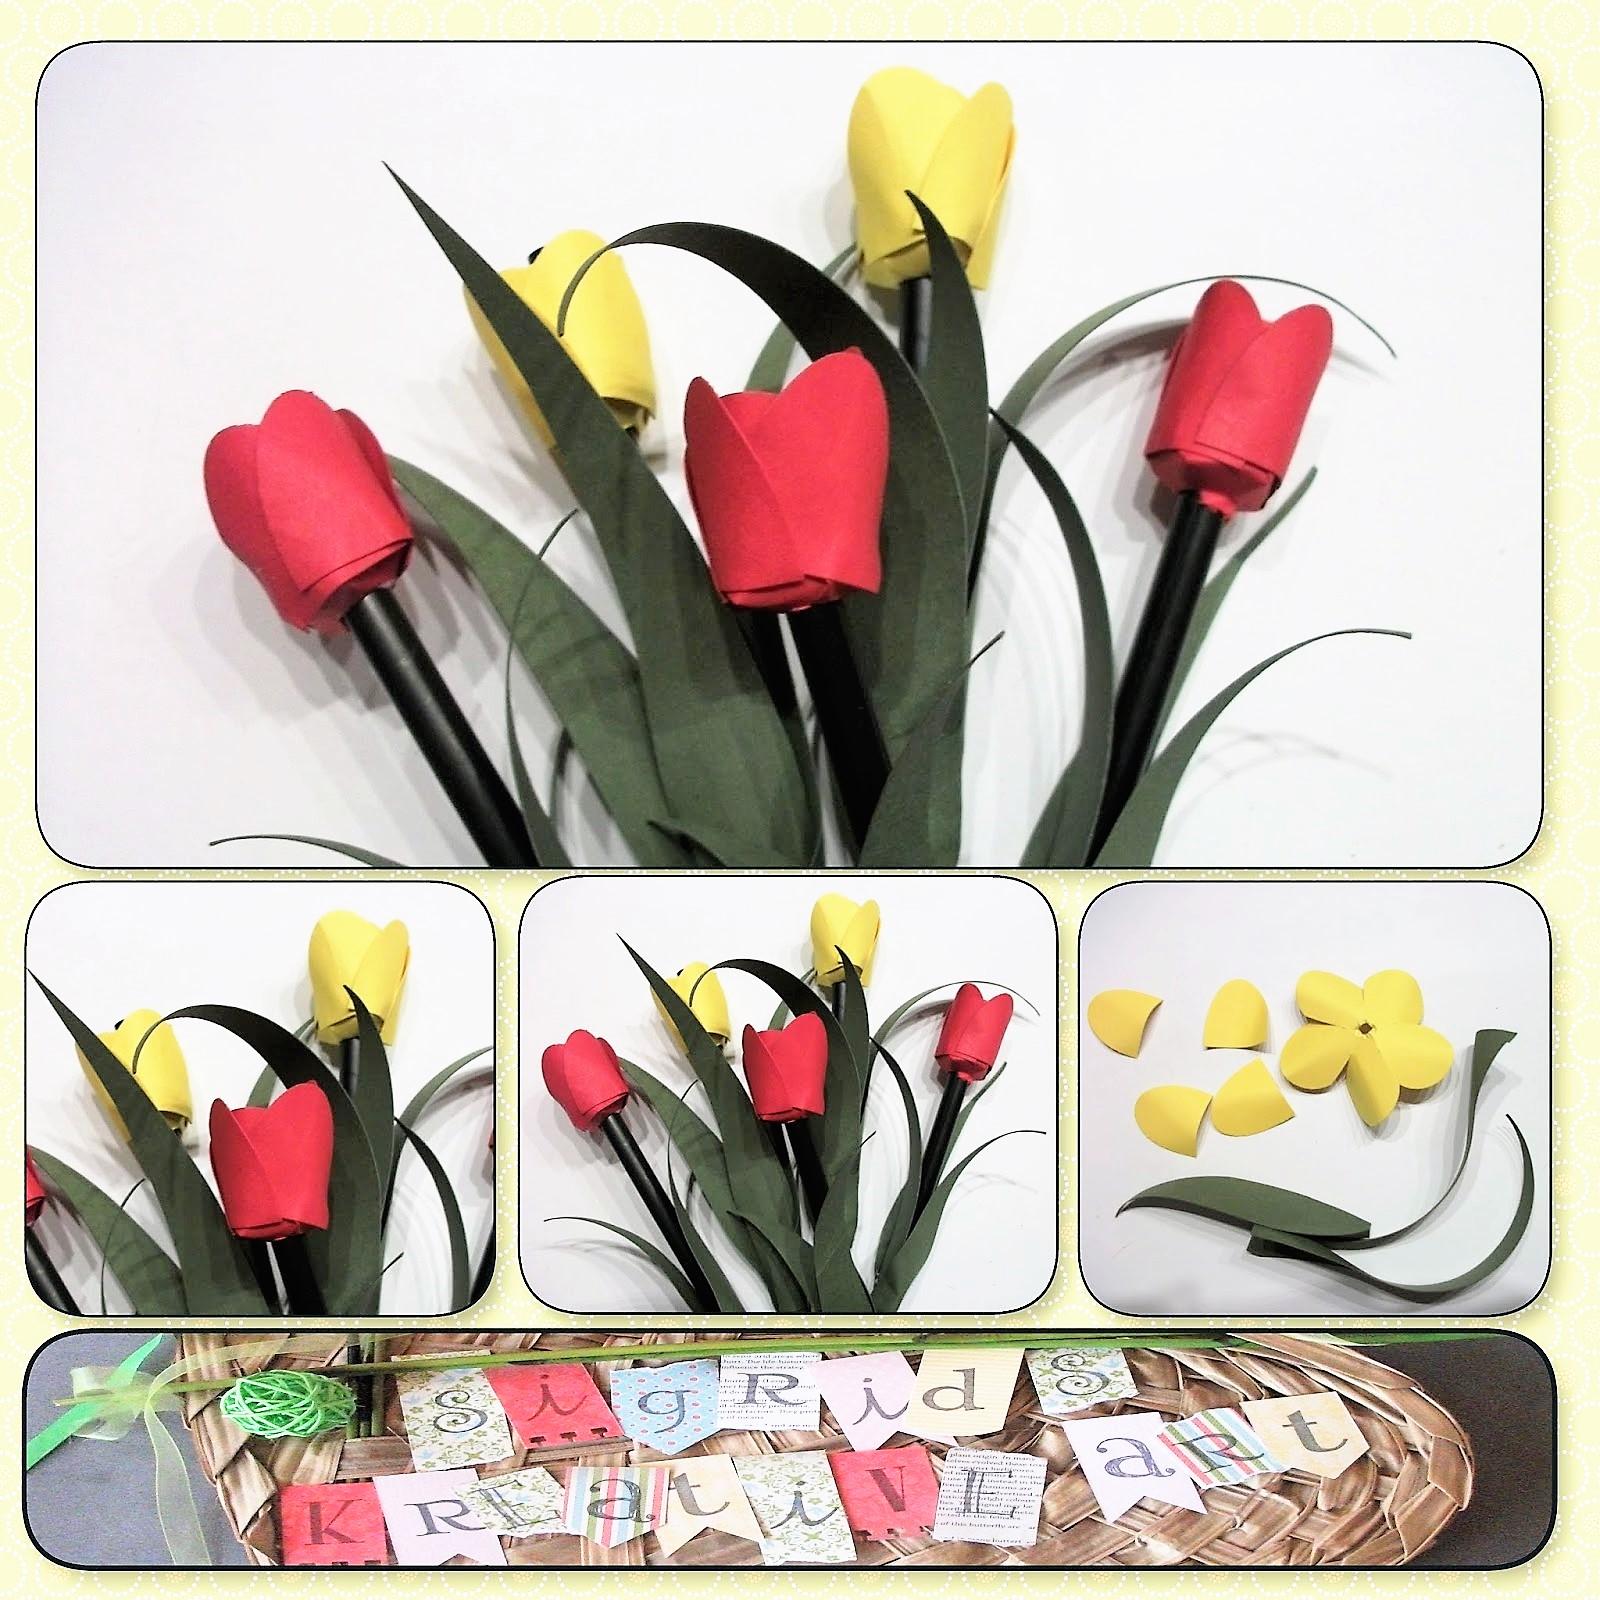 tulpen einfach basteln anleitung, tulpe aus papier basteln | hand im glück - mein do it yourself portal, Design ideen